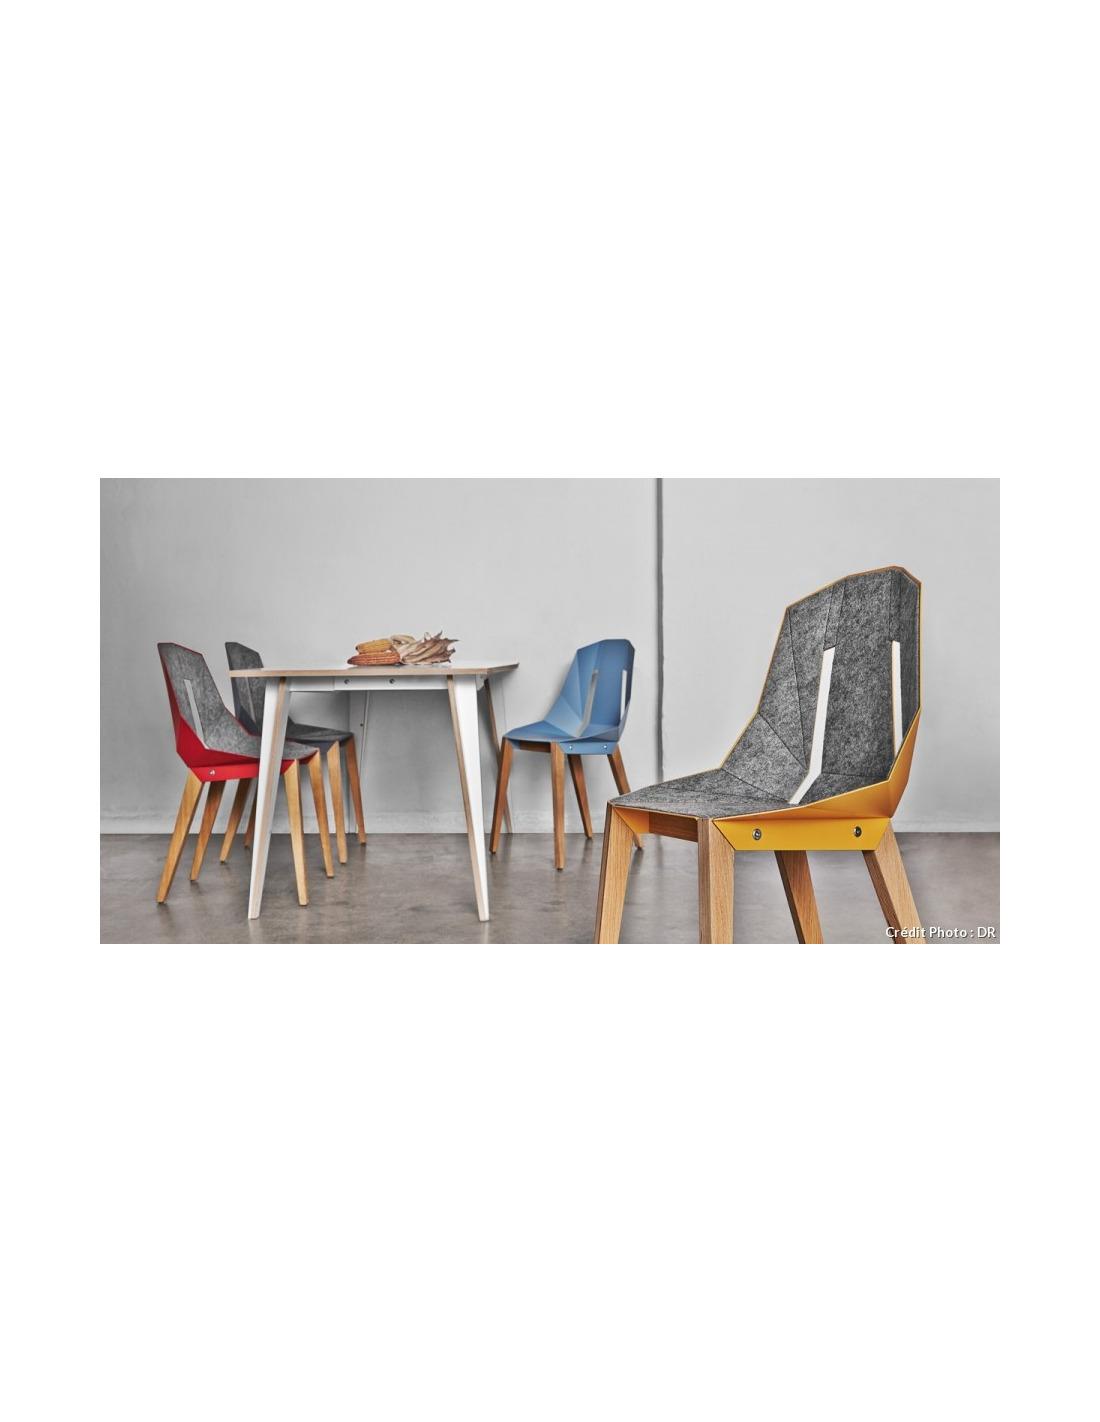 chaise g om trique diago feutre en aluminium et bouleau au design minimaliste otoko. Black Bedroom Furniture Sets. Home Design Ideas